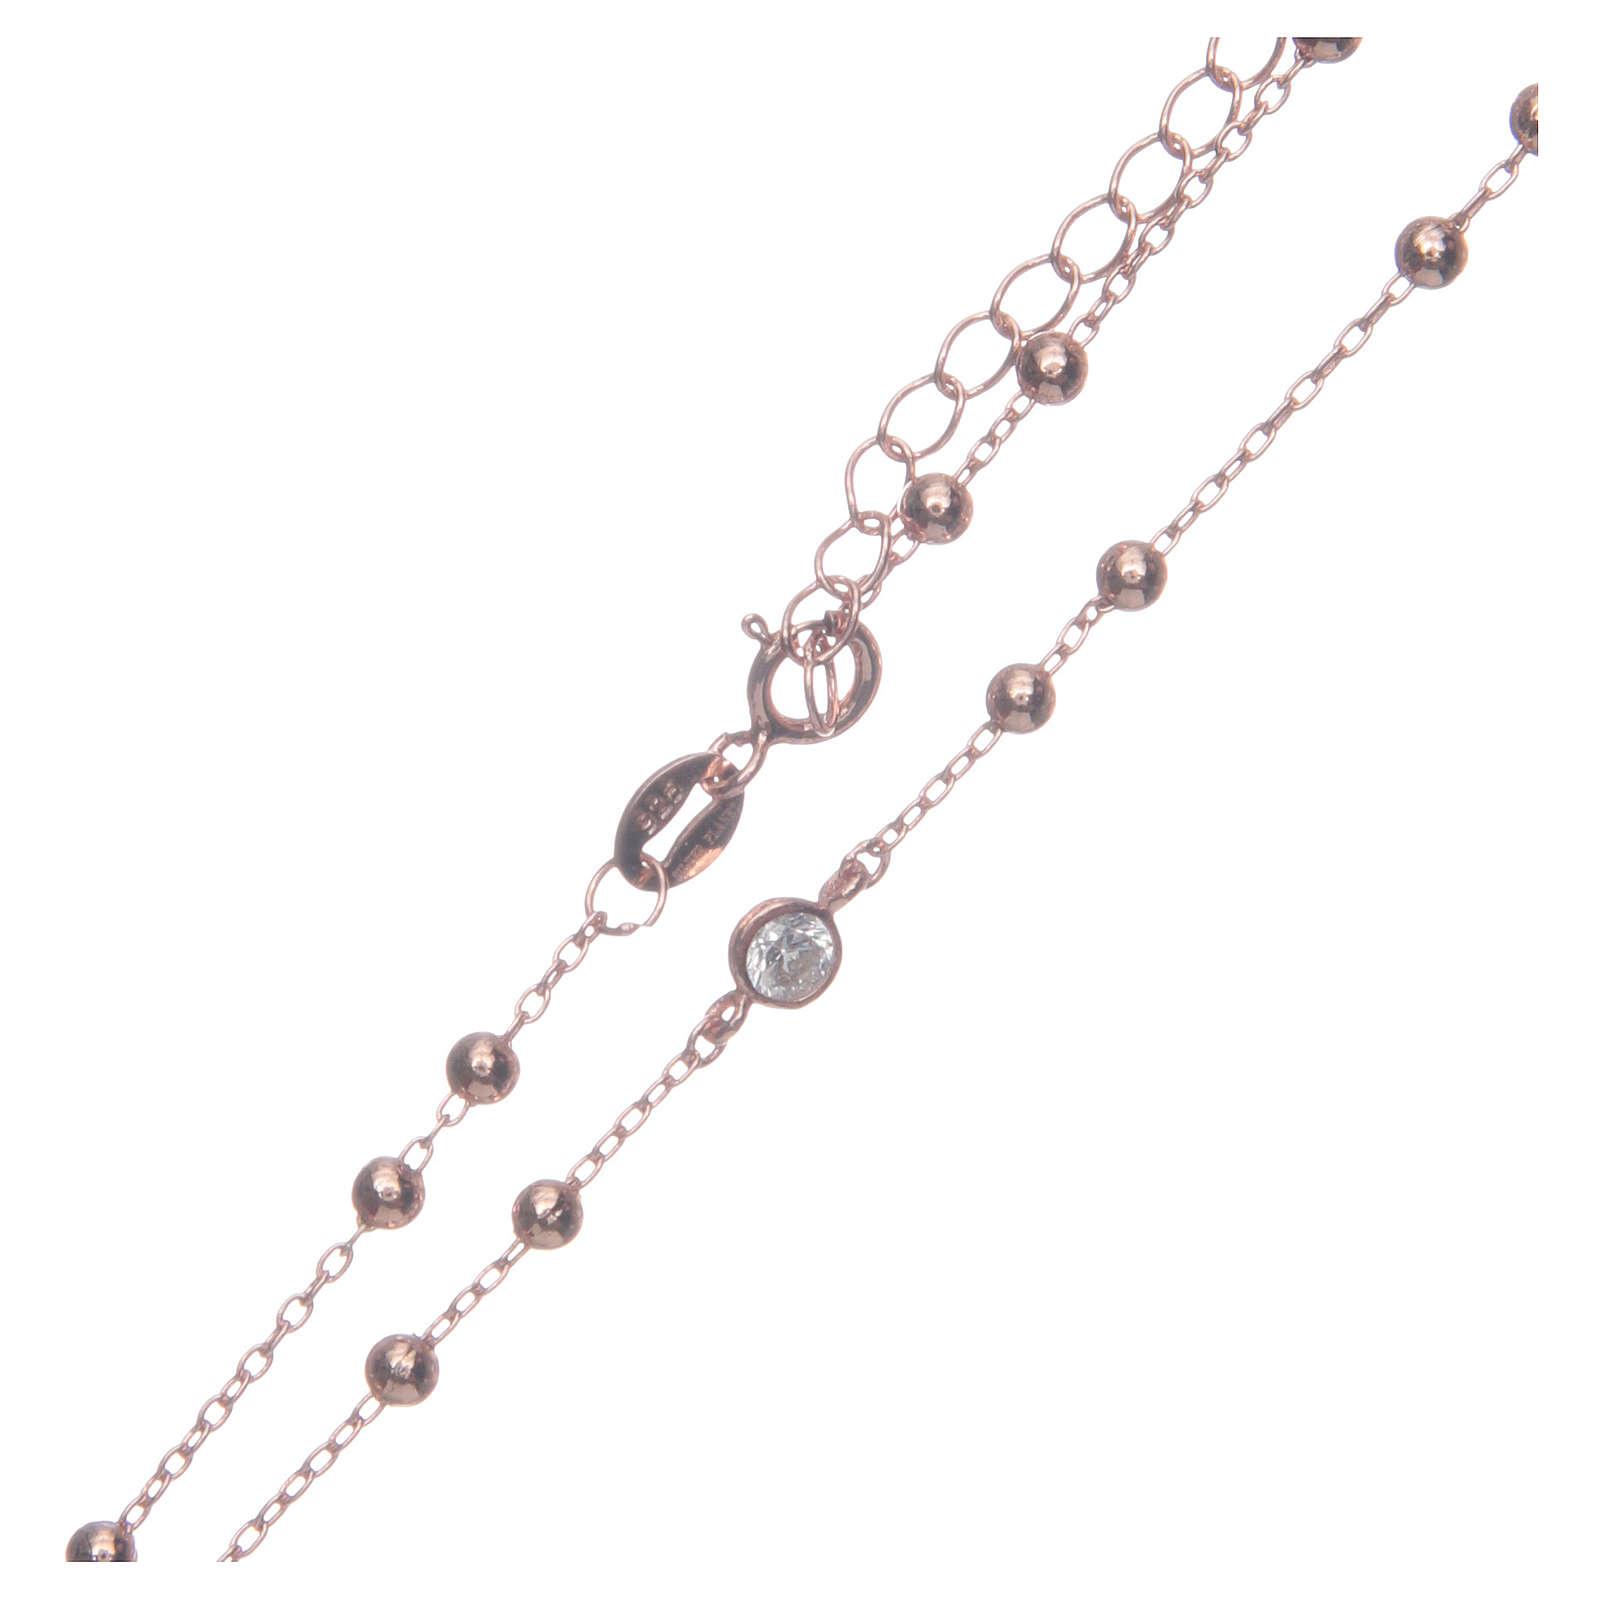 Rosario classico rosé zirconi bianchi argento 925 4